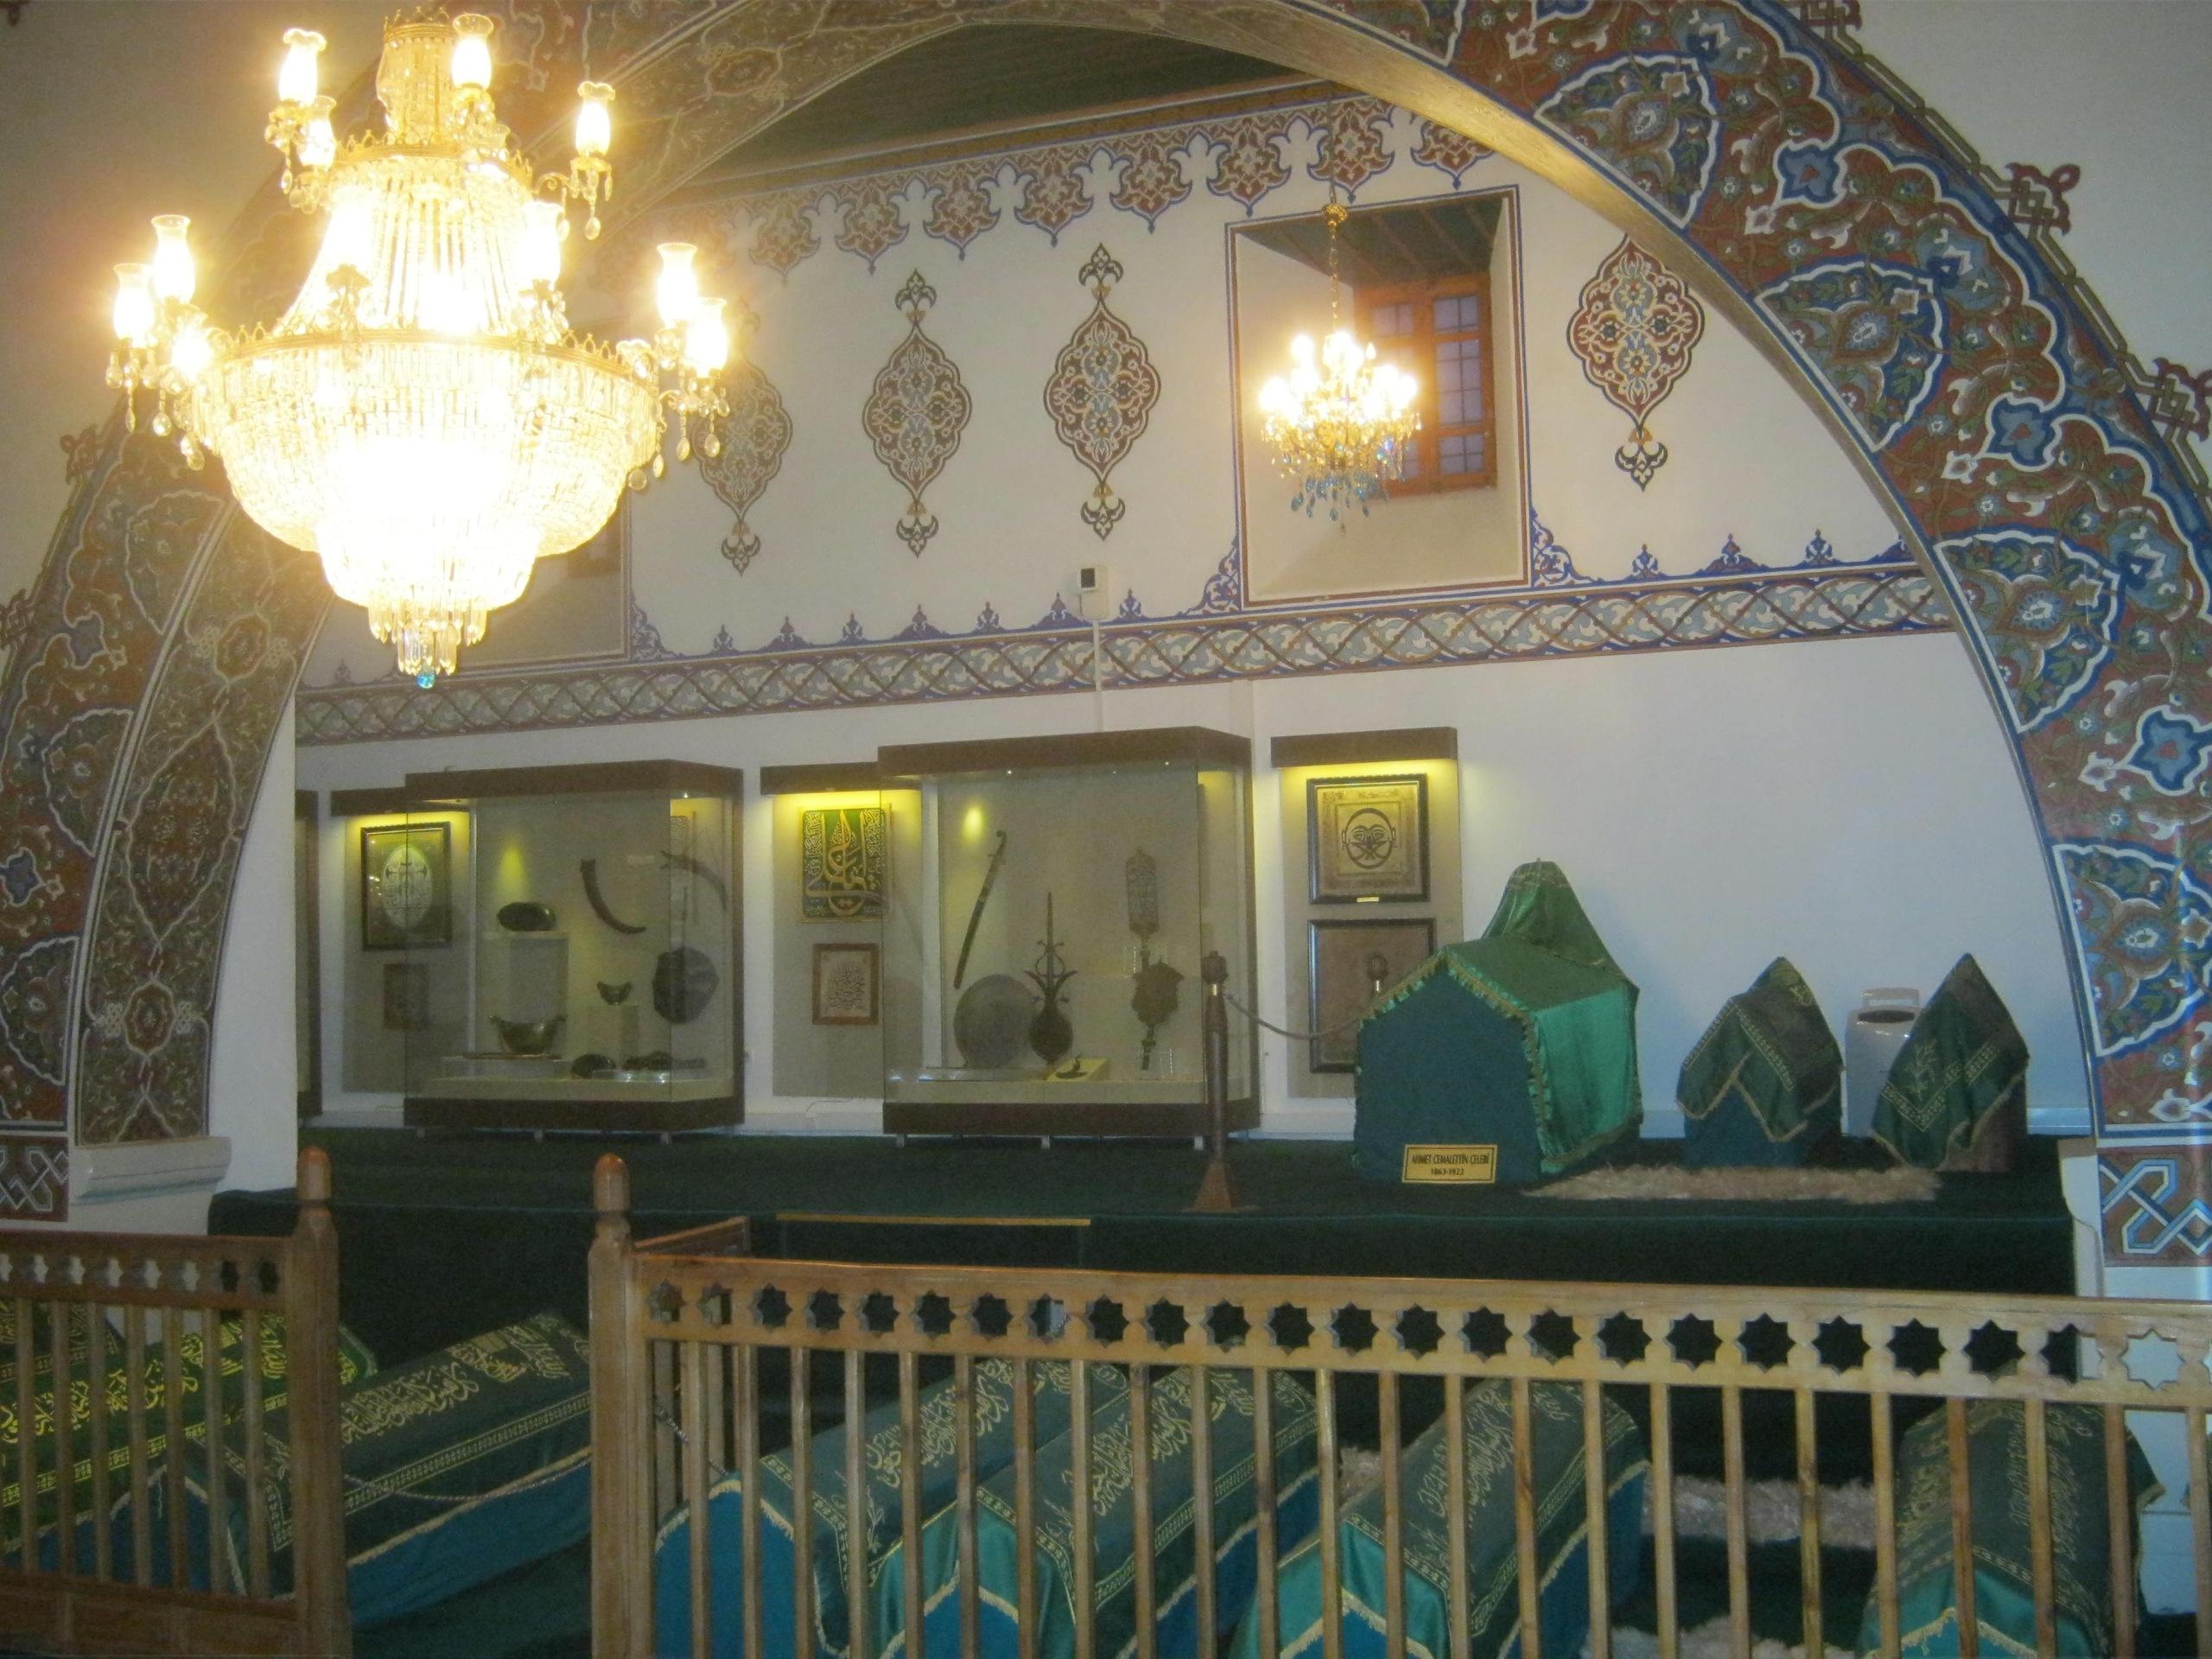 зал комплекса, где захоронены суфии, последователи ордена бекташей